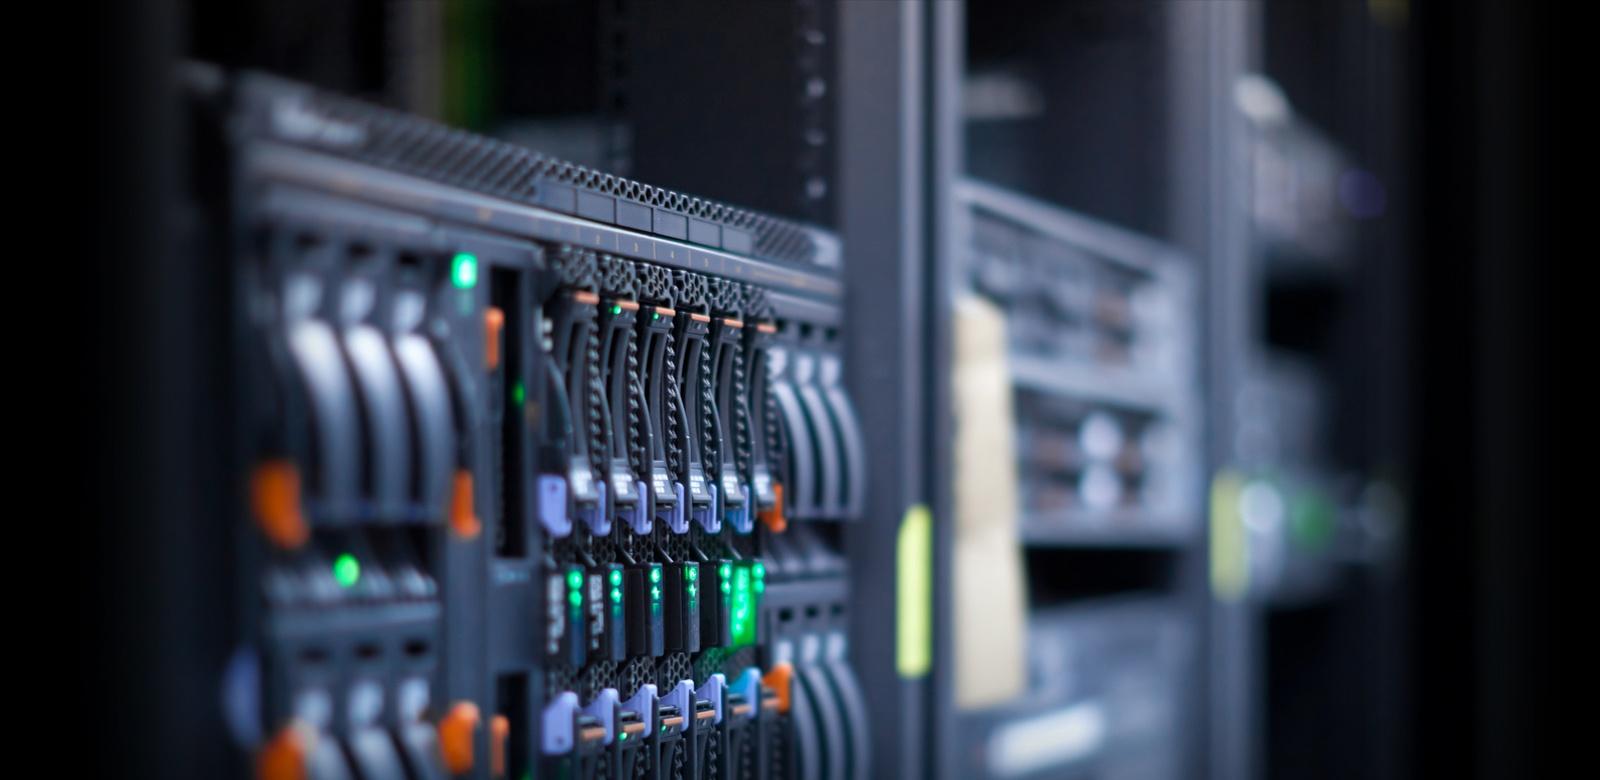 Десятка топовых серверов и обновлений 2015-го года - 1